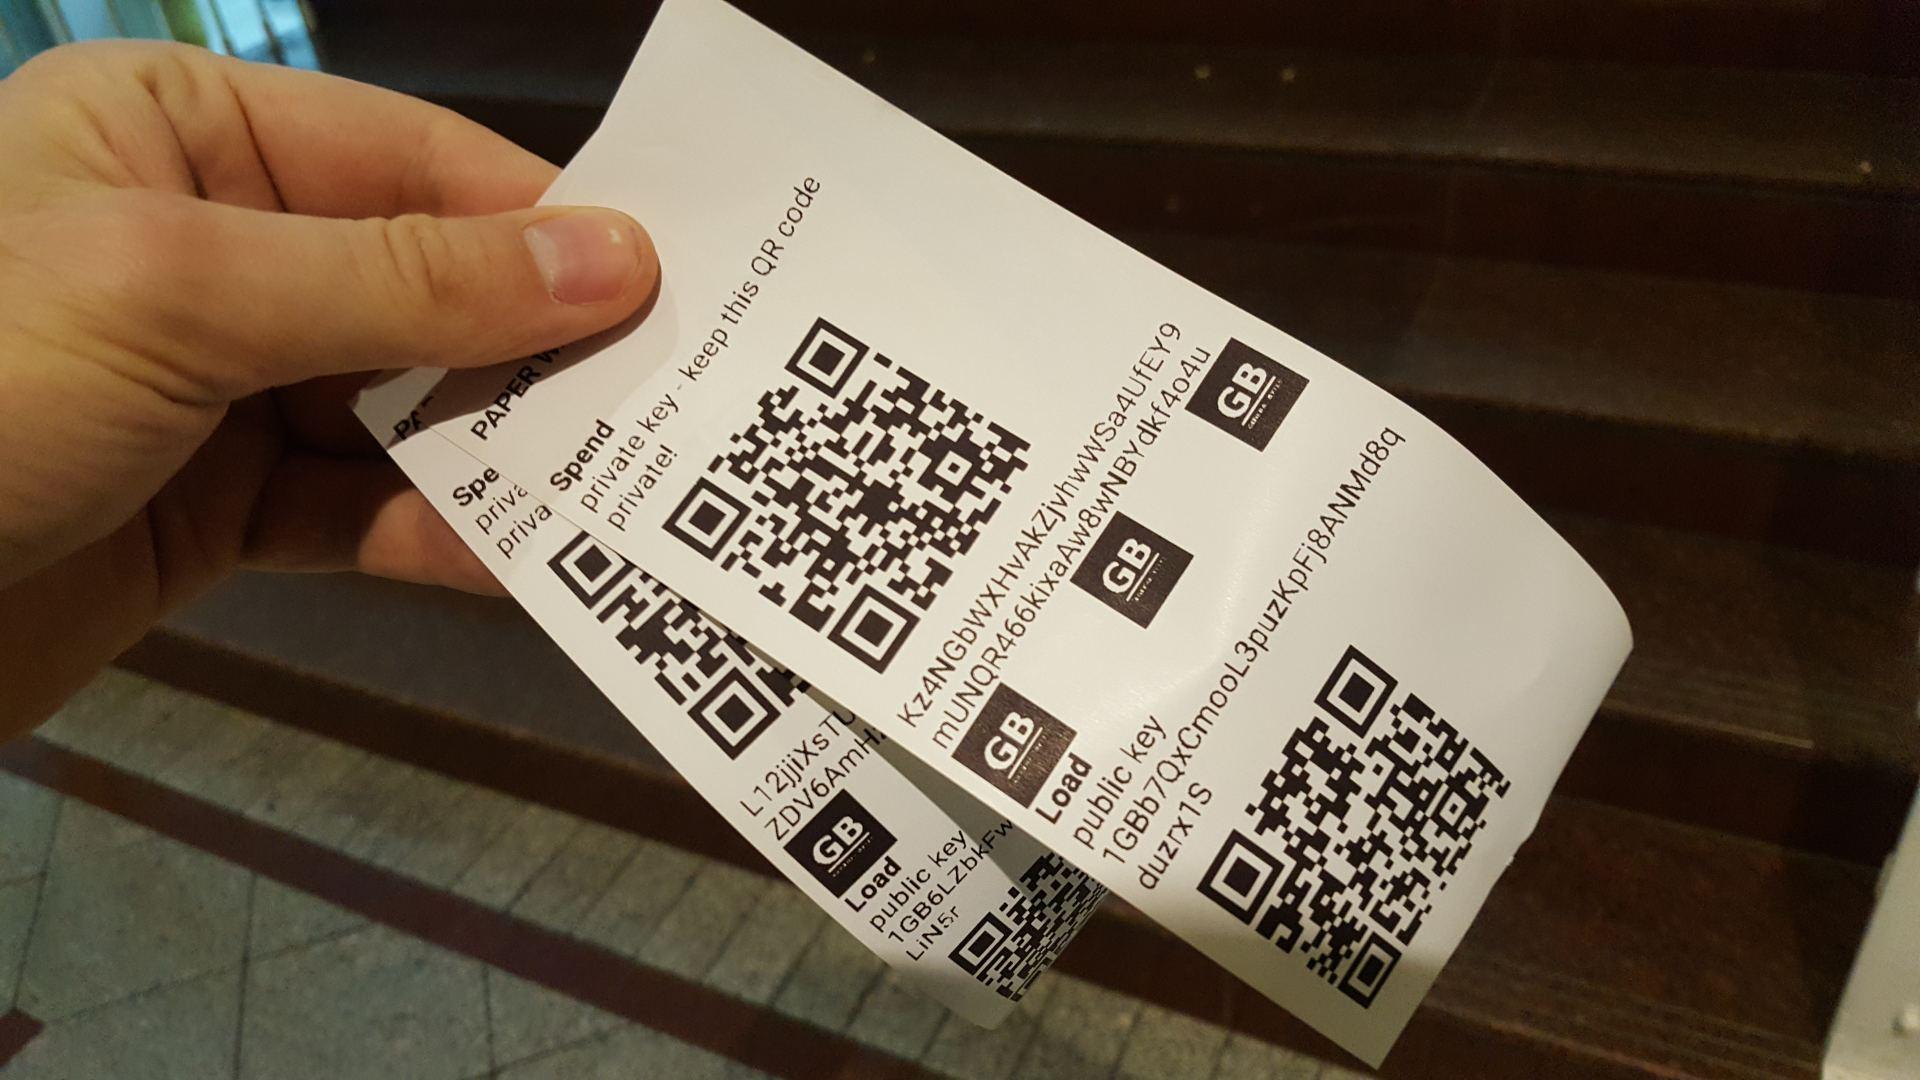 Atsiliepimai apie Bitkoinas, UAB